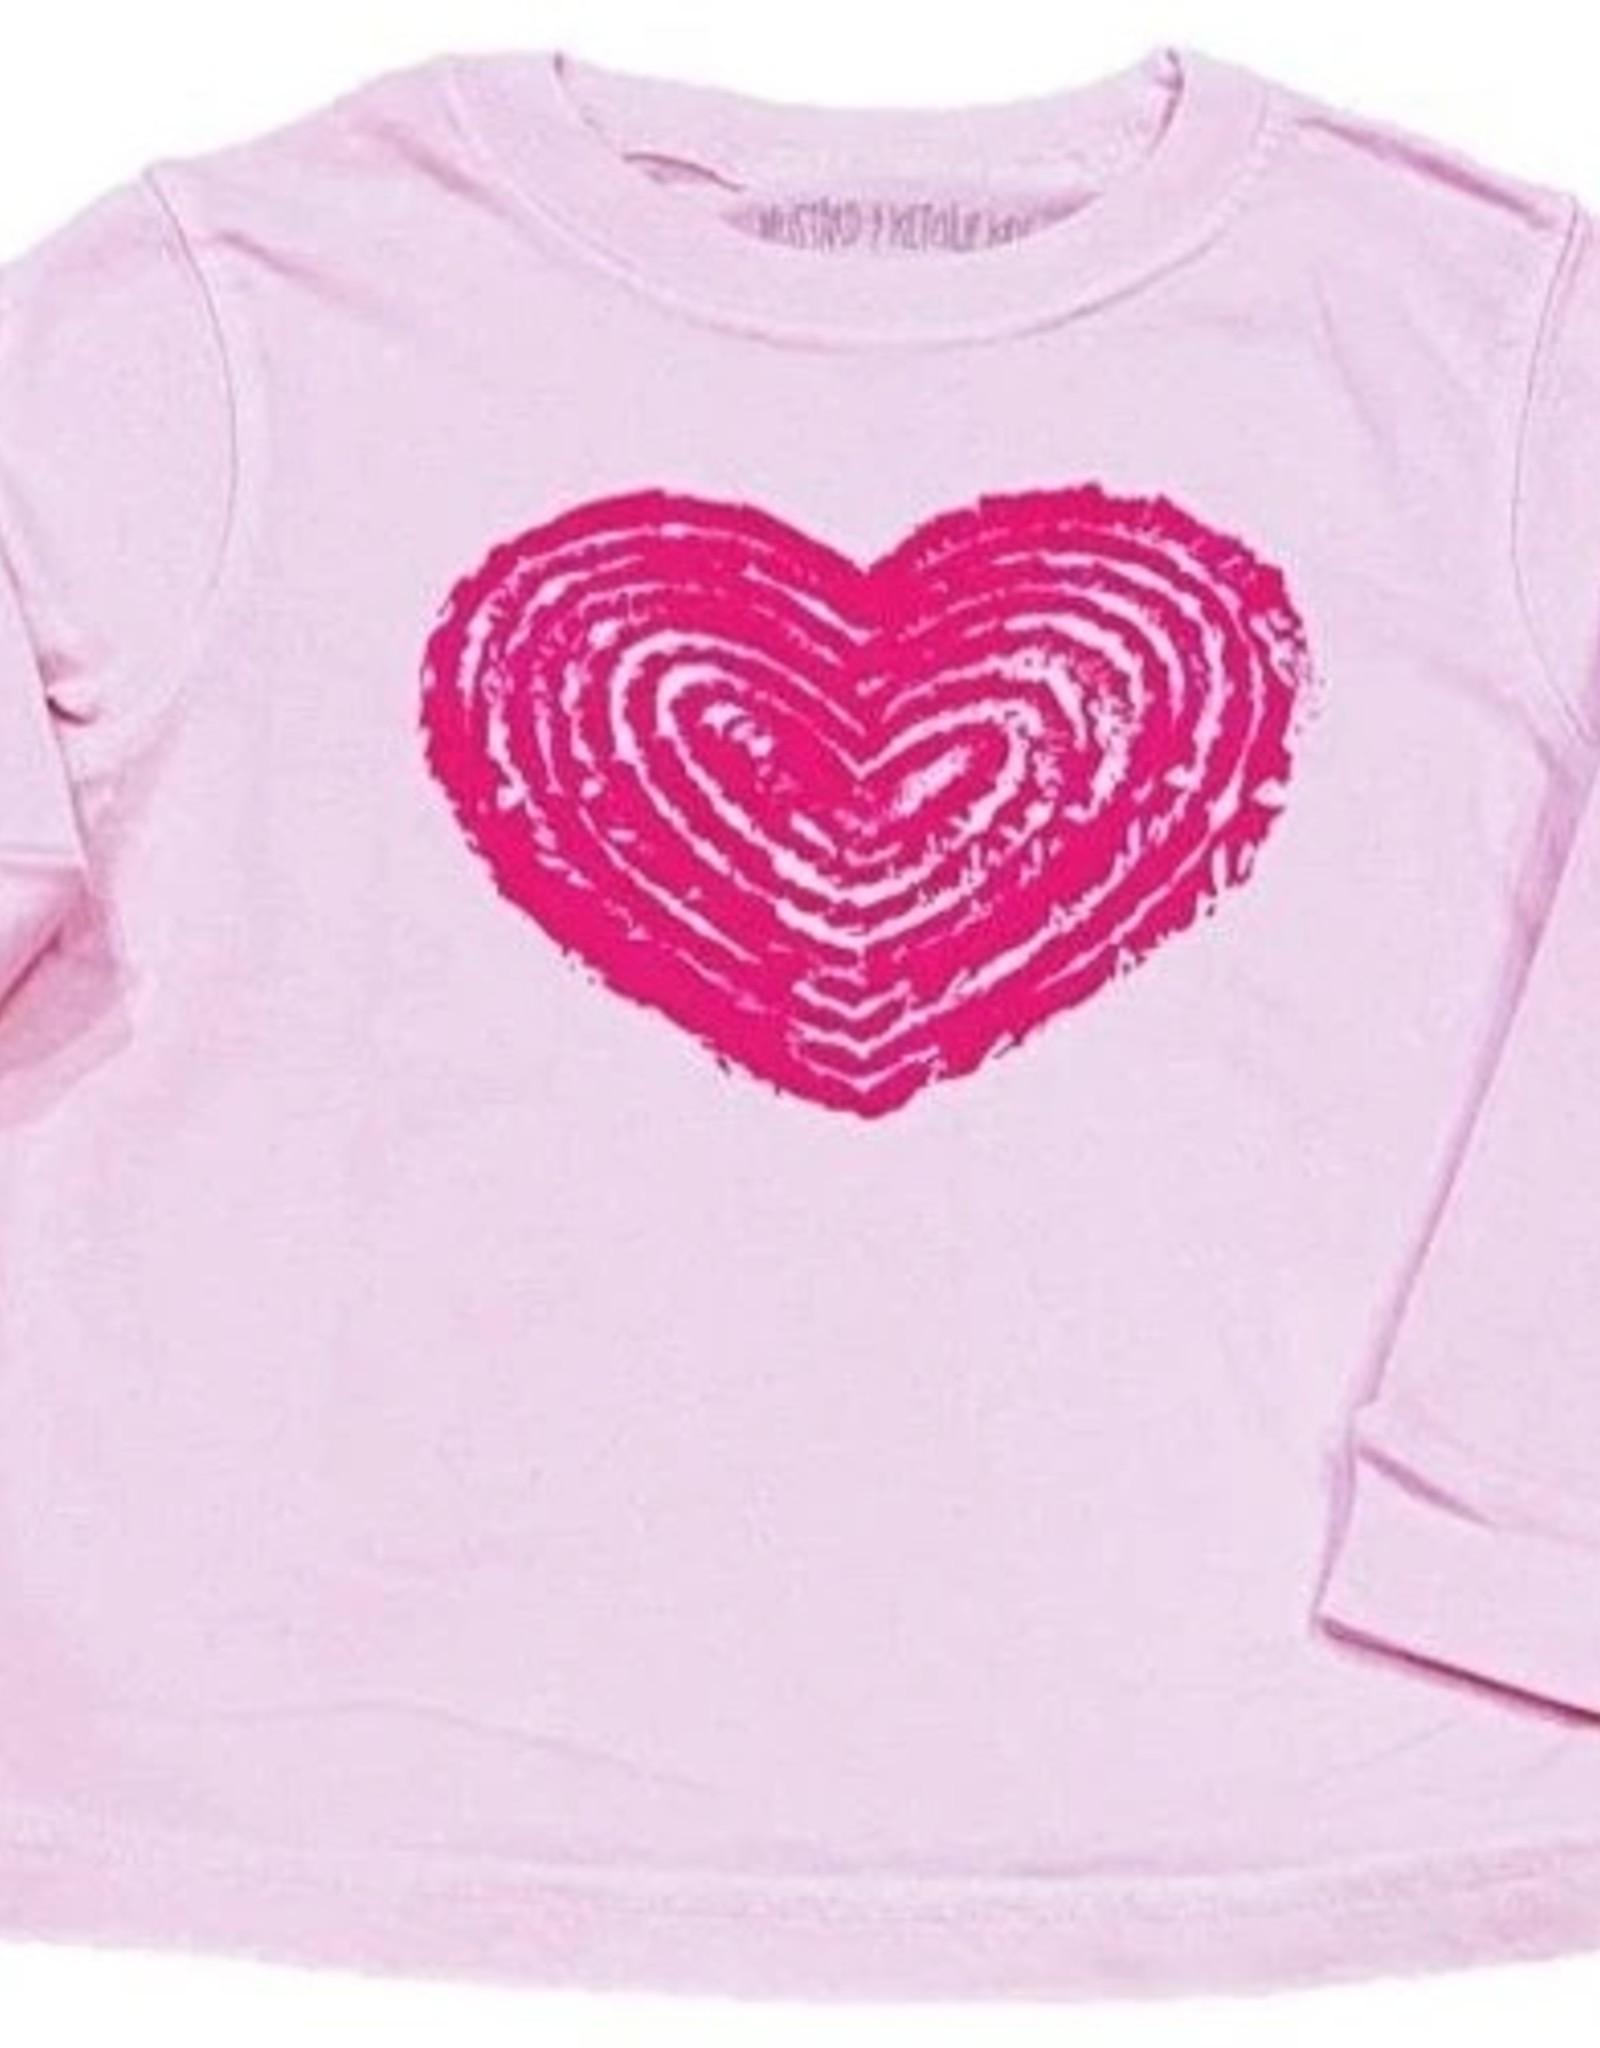 Mustard & ketchup Light Pink Heart Shirt